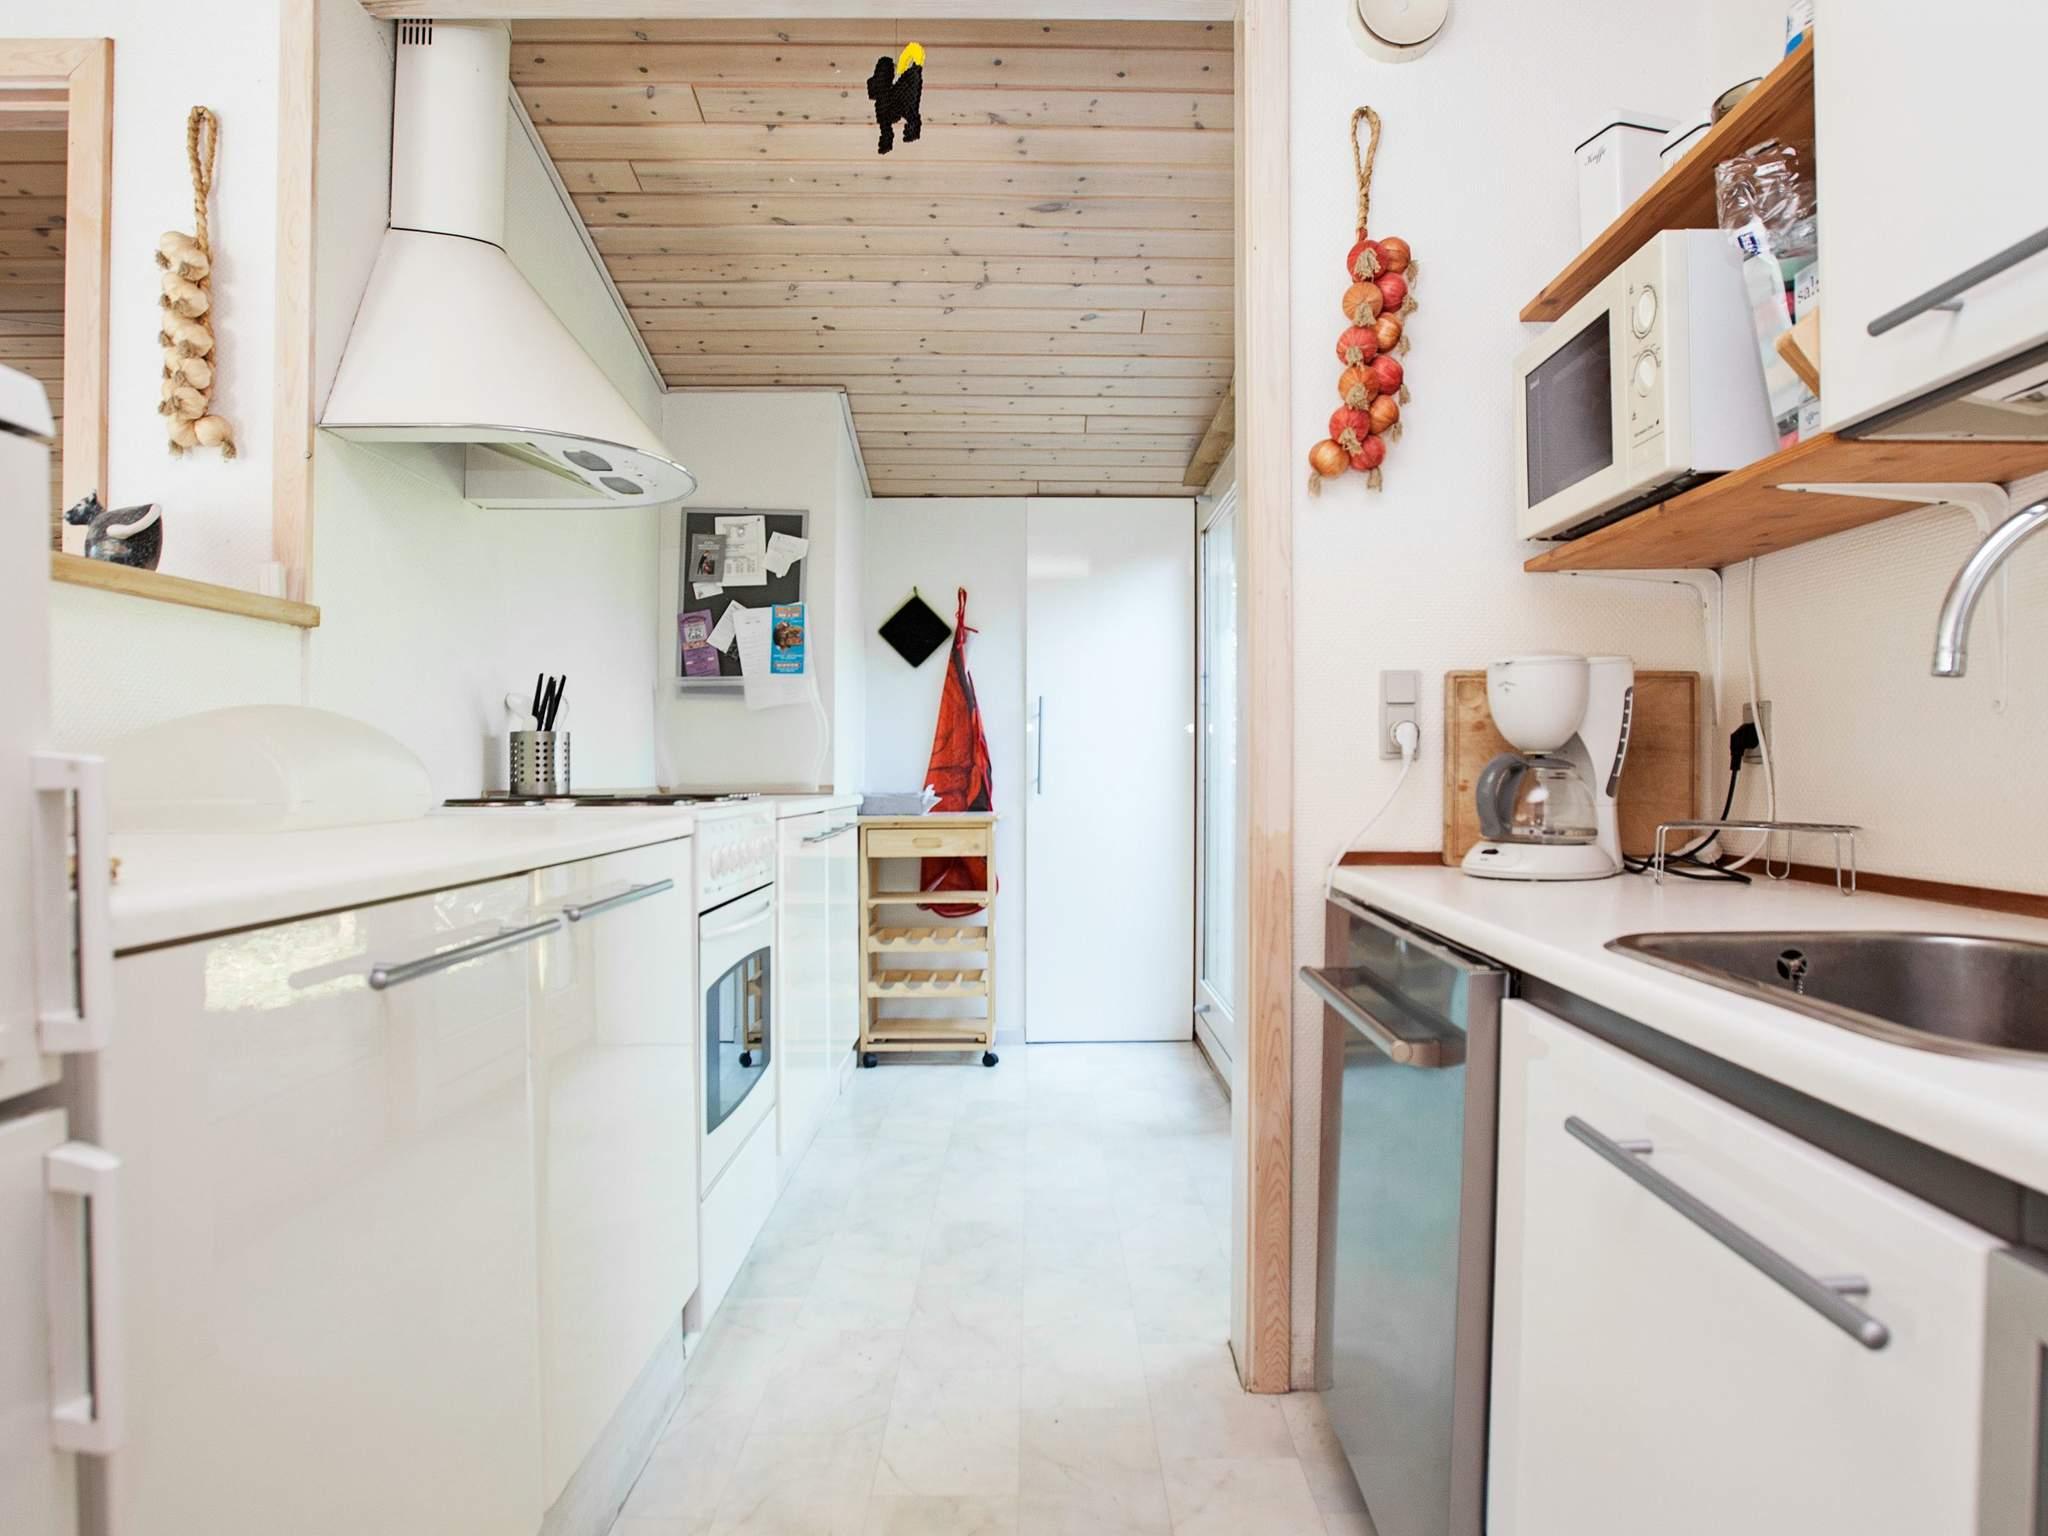 Ferienhaus Marielyst (83778), Marielyst, , Falster, Dänemark, Bild 8